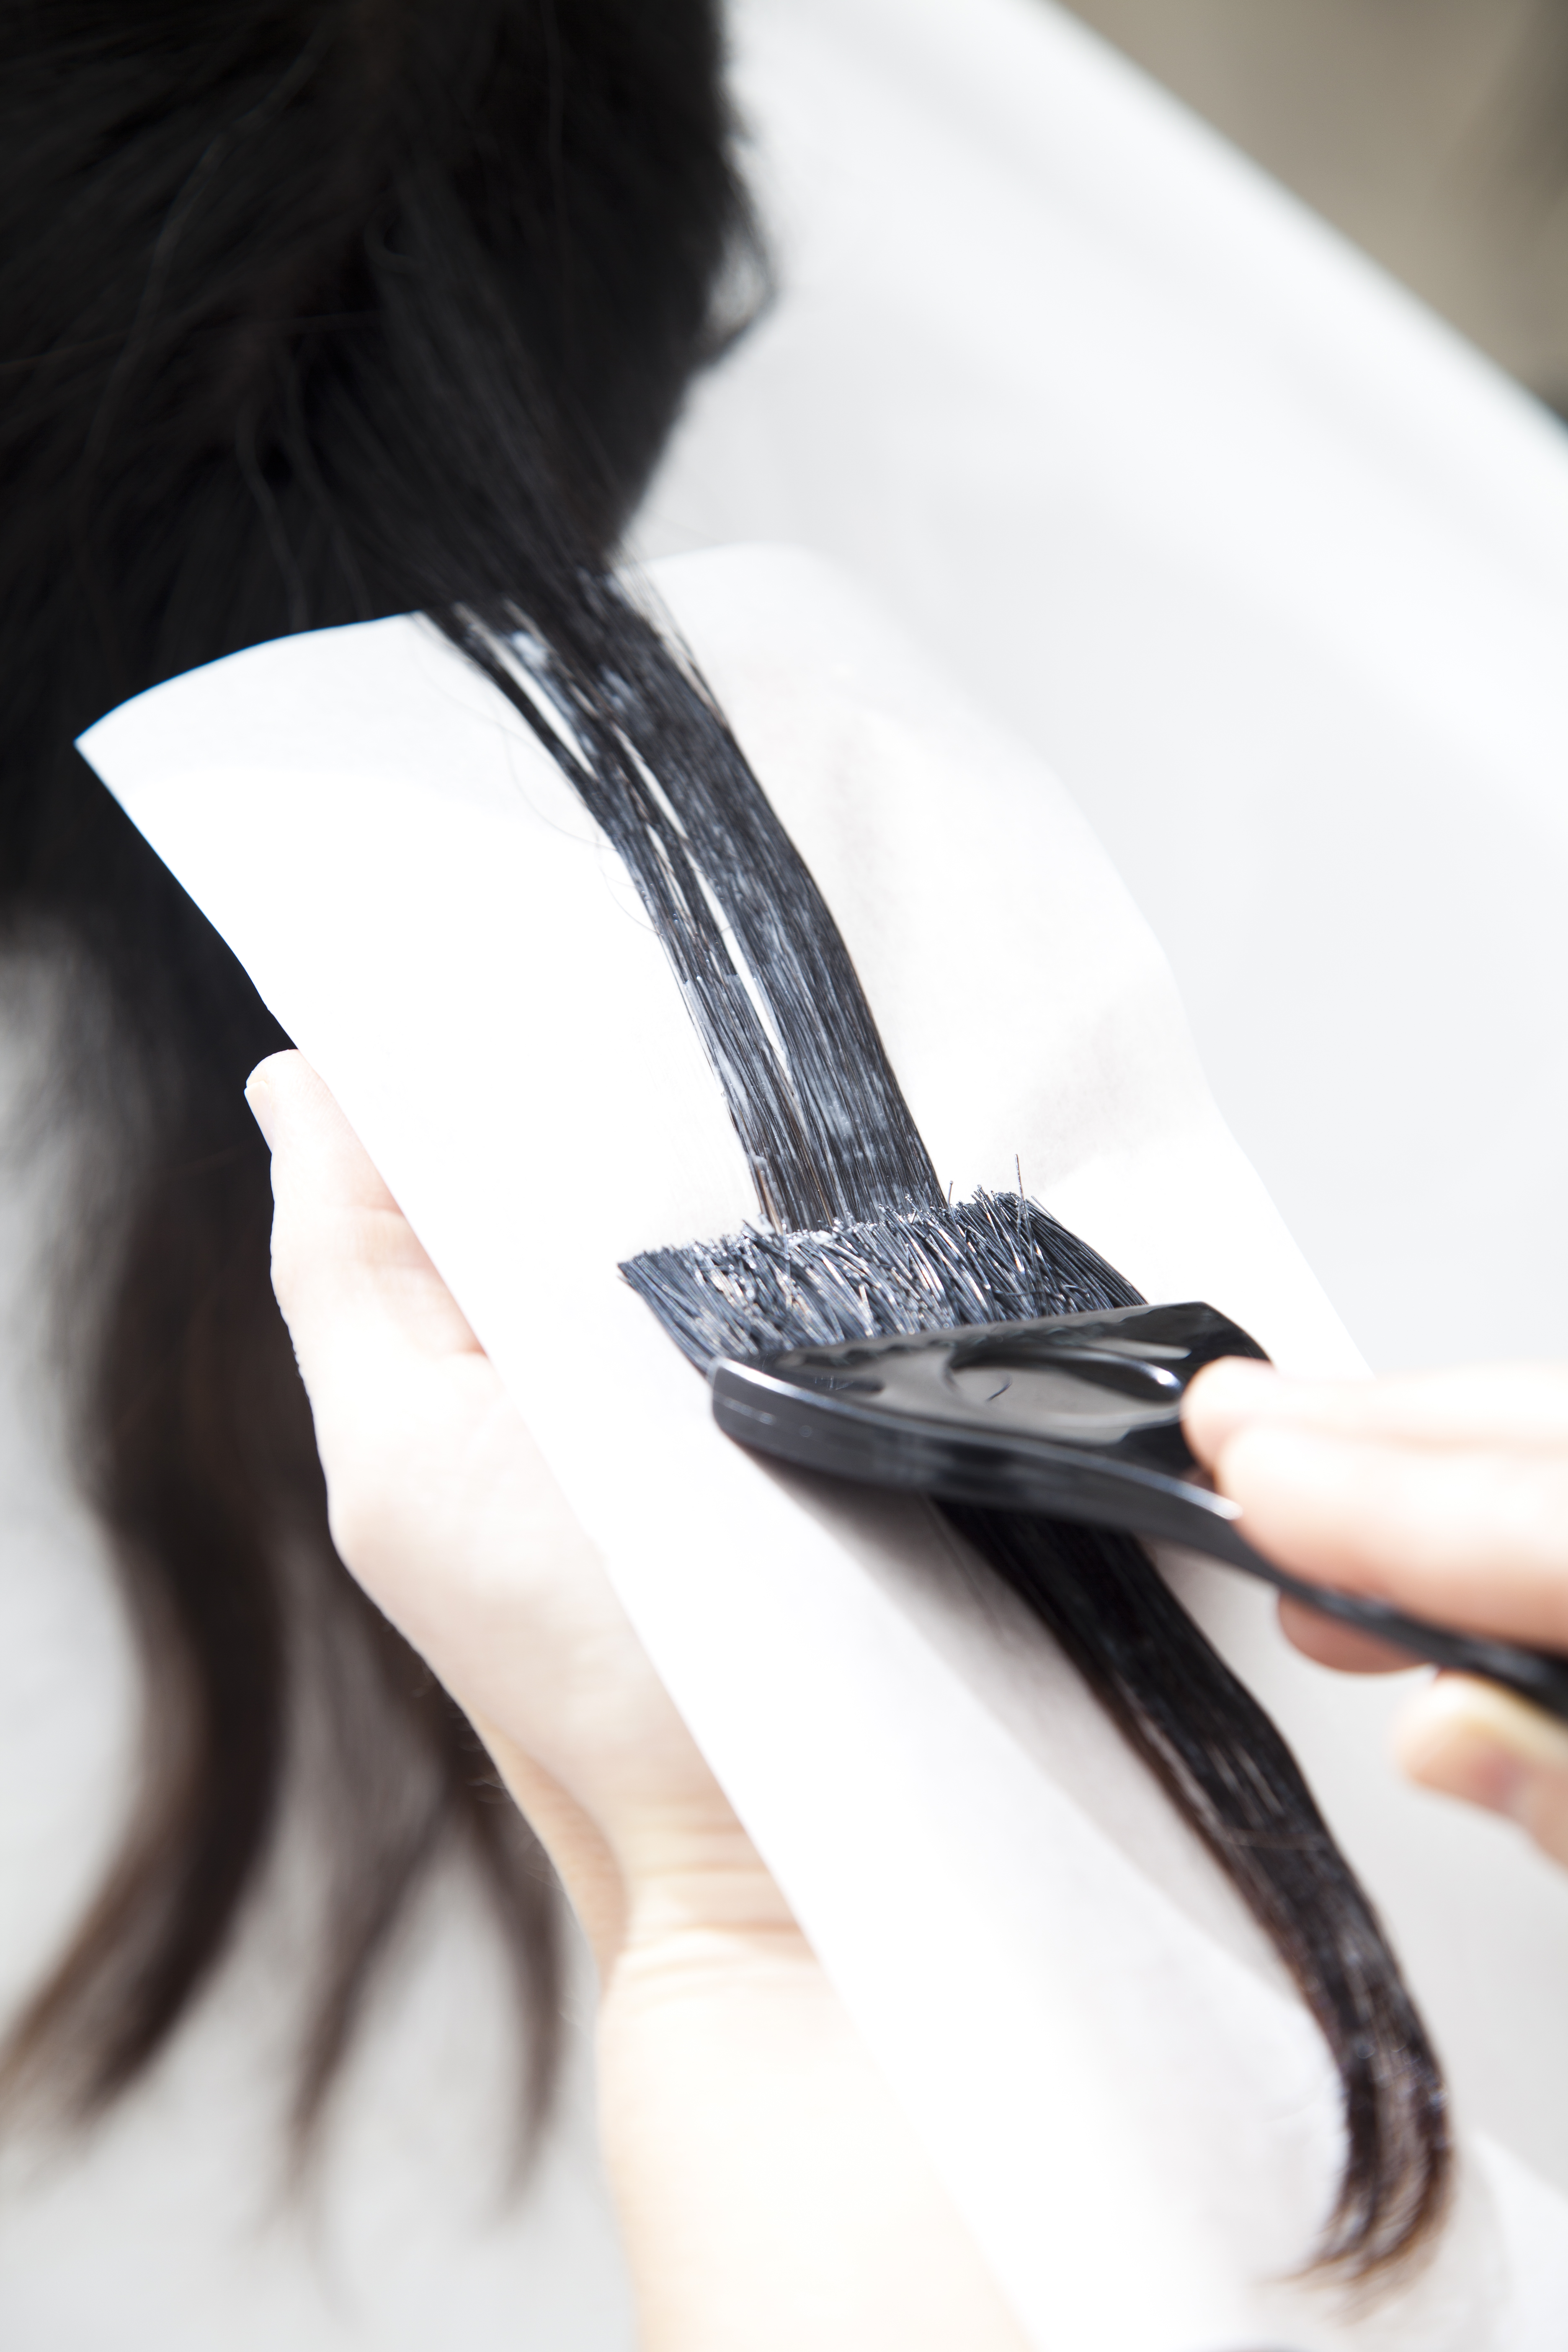 Ny undersøgelse fra Tænk viser at 75 ud af 83 hårfarver kan give allergi